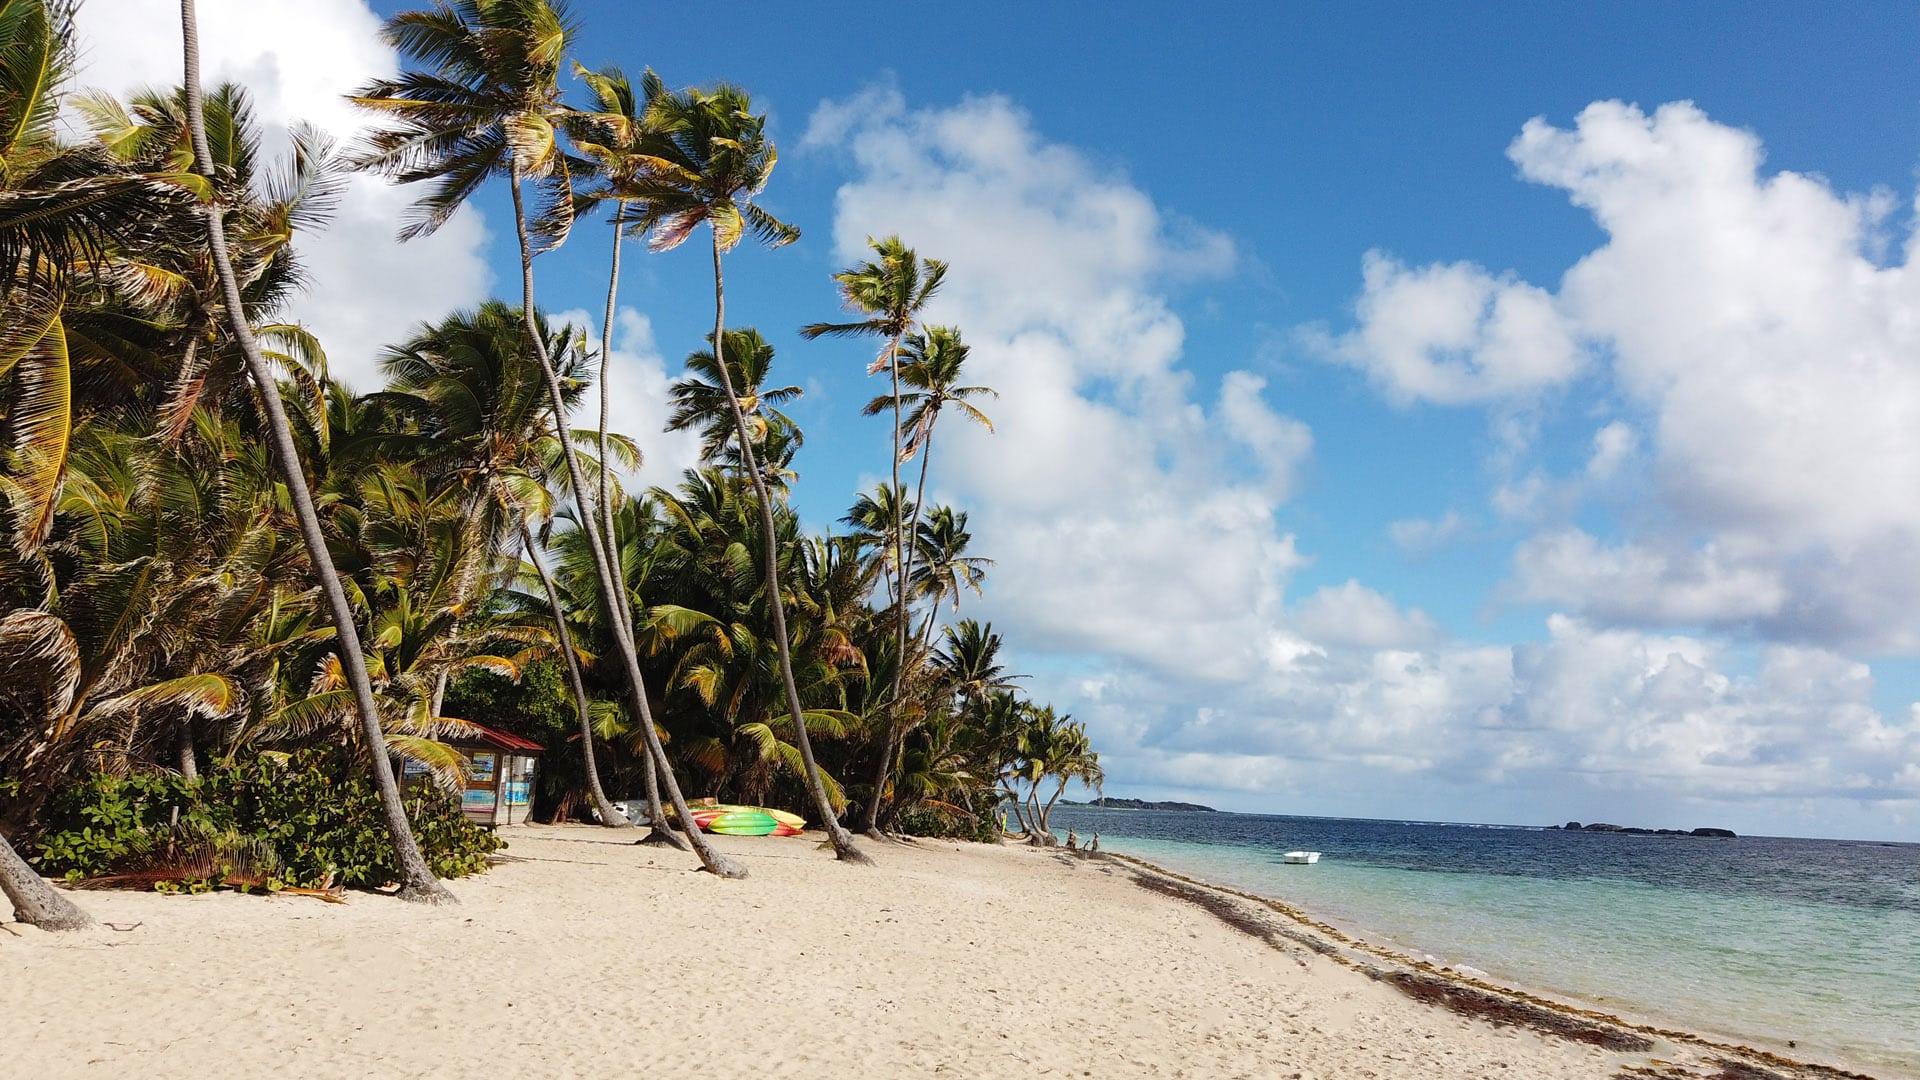 anse michel - Voyage en Martinique : Itinéraire et conseils